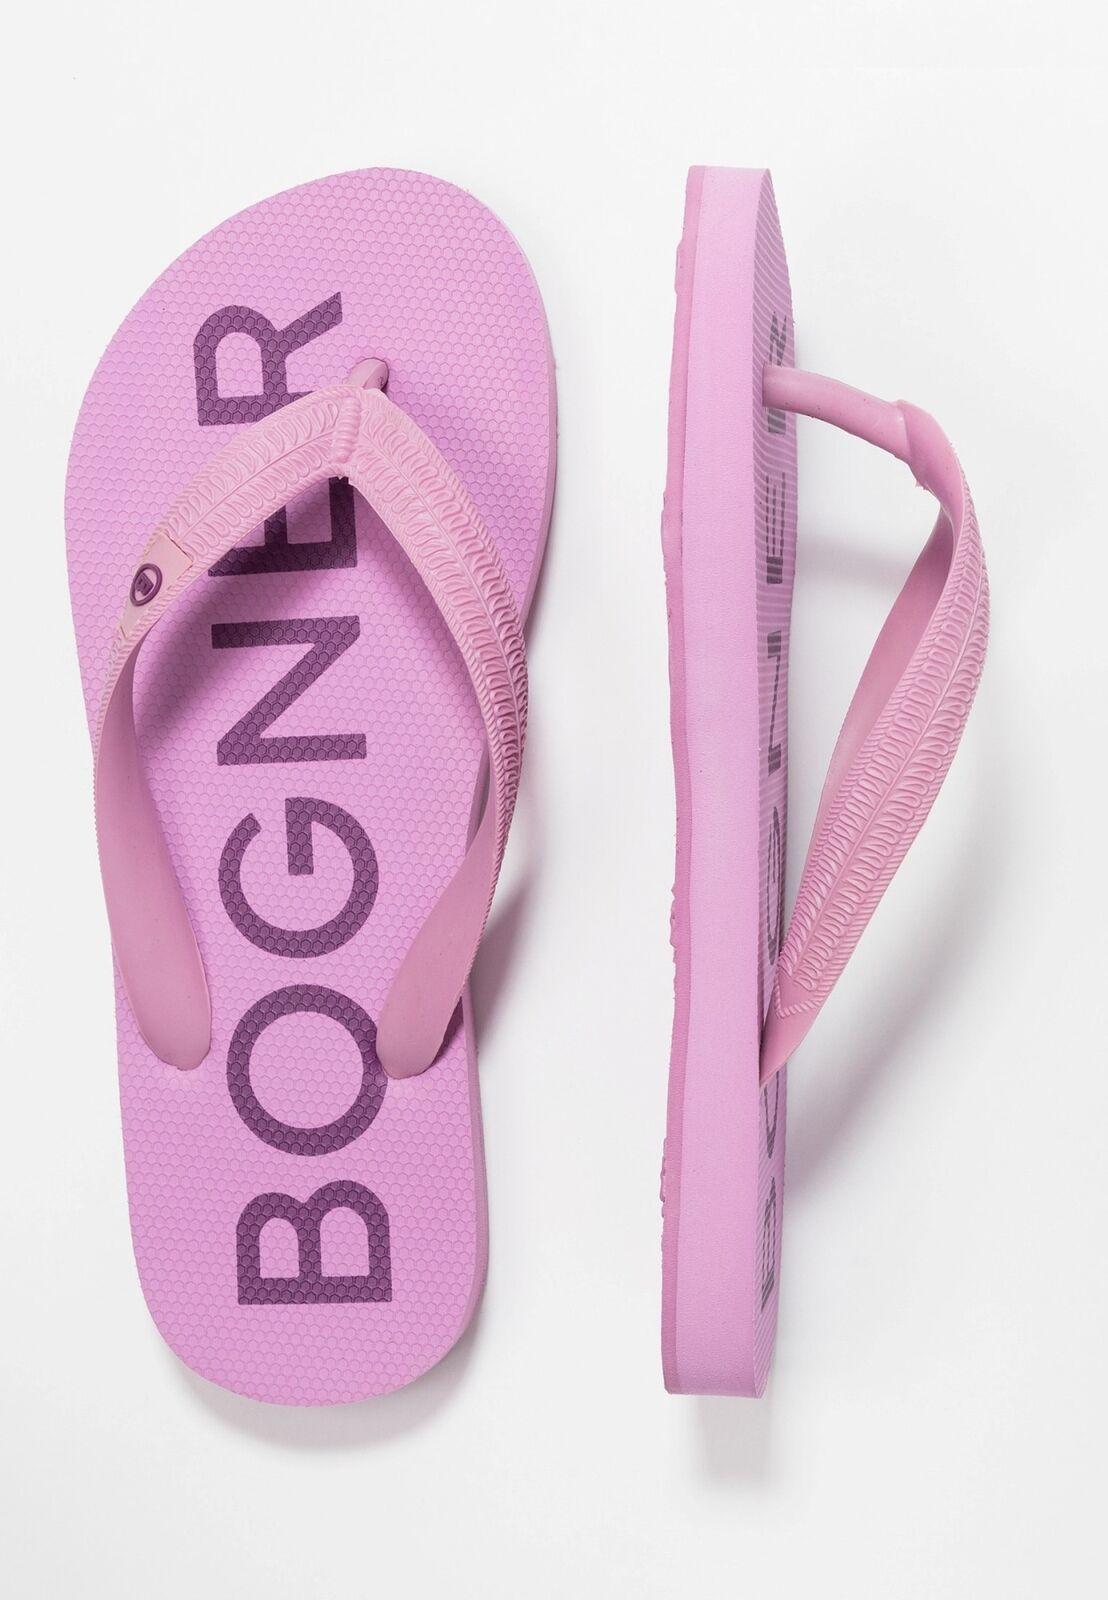 Bogner Flip Flop pour femmes Tongs de Piscine chaussures Sandales Tongs Flop